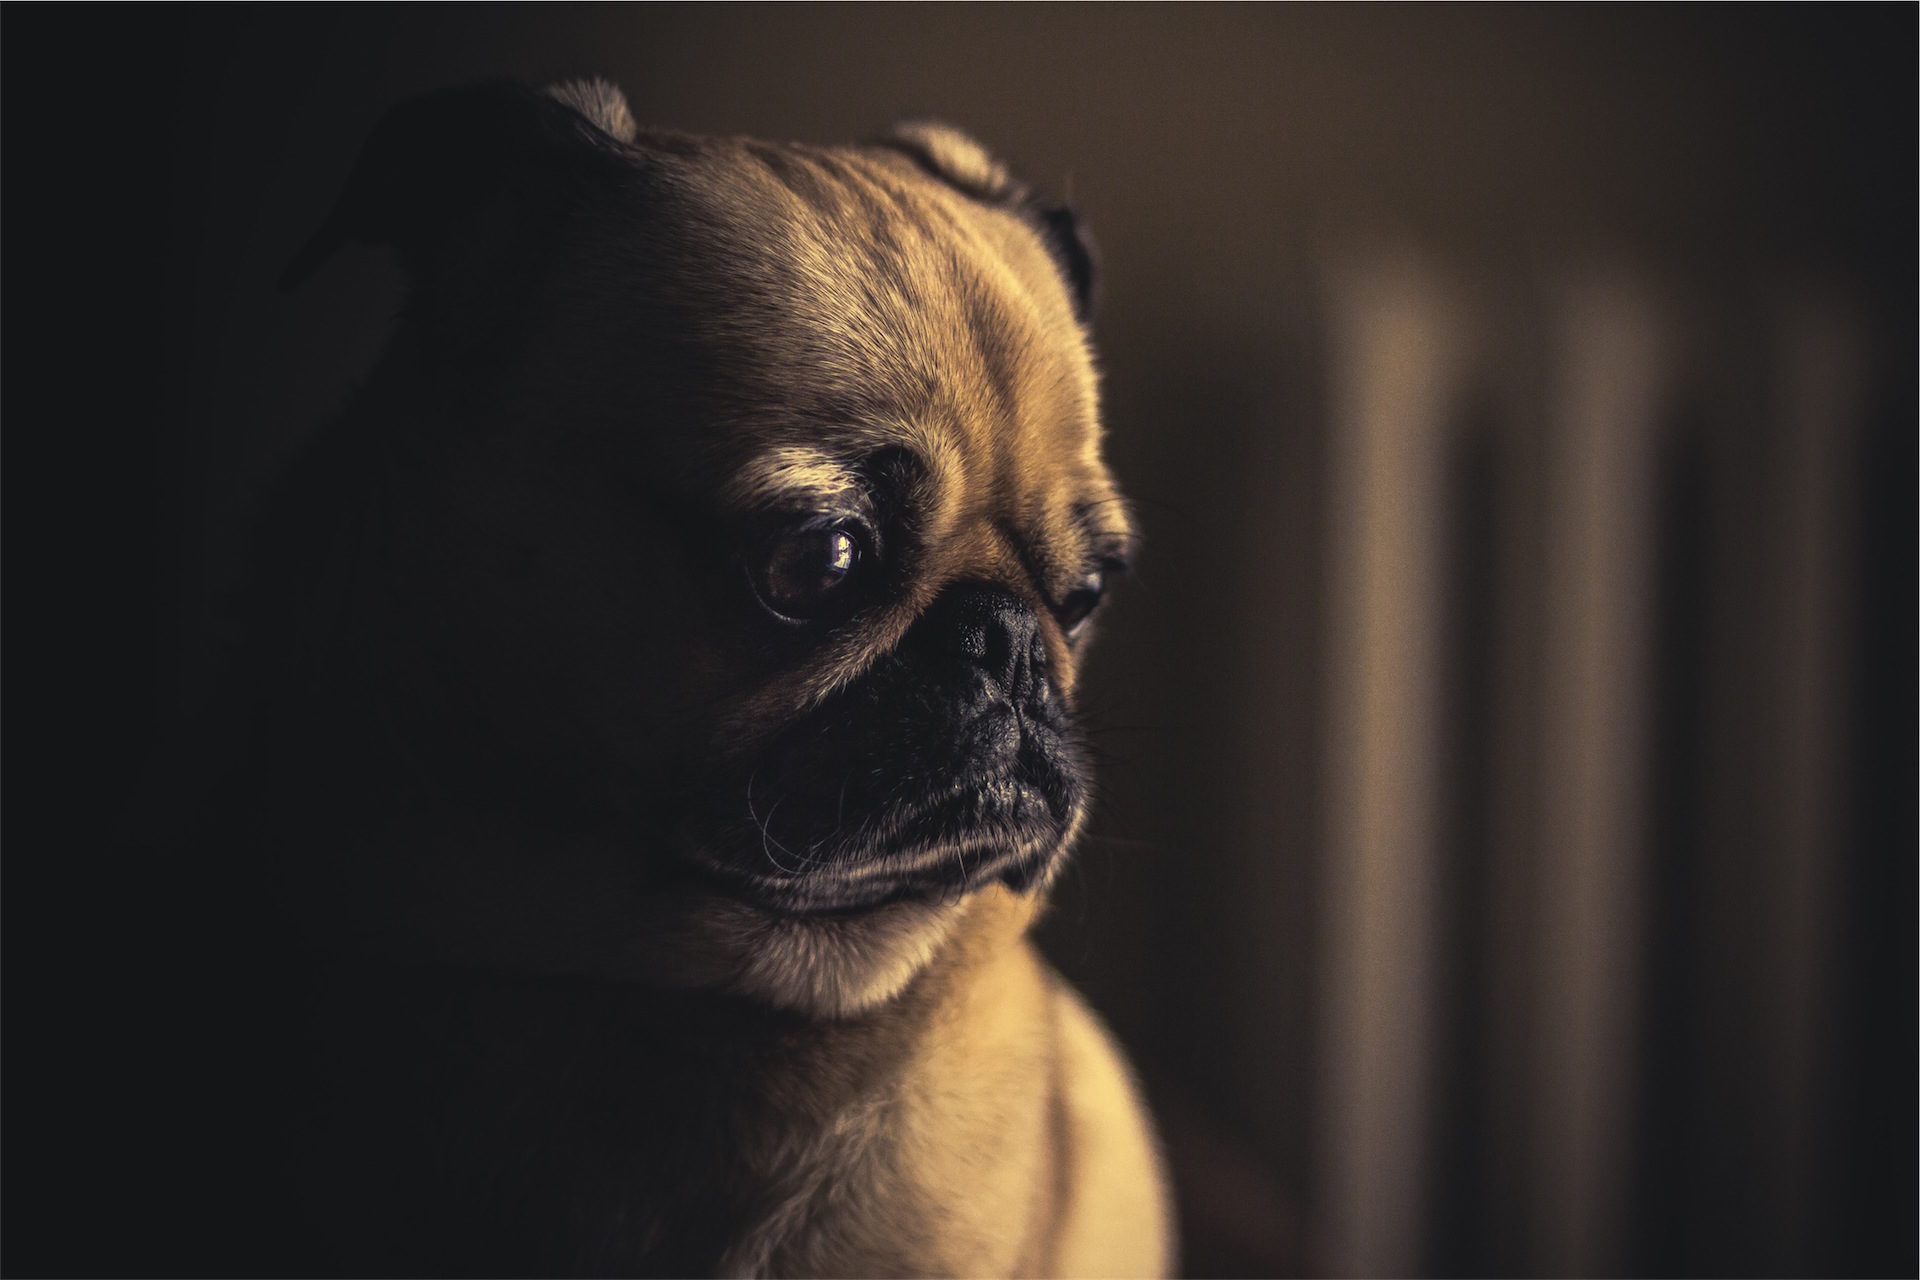 perrito, Cucciolo, viso, sguardo, triste - Sfondi HD - Professor-falken.com